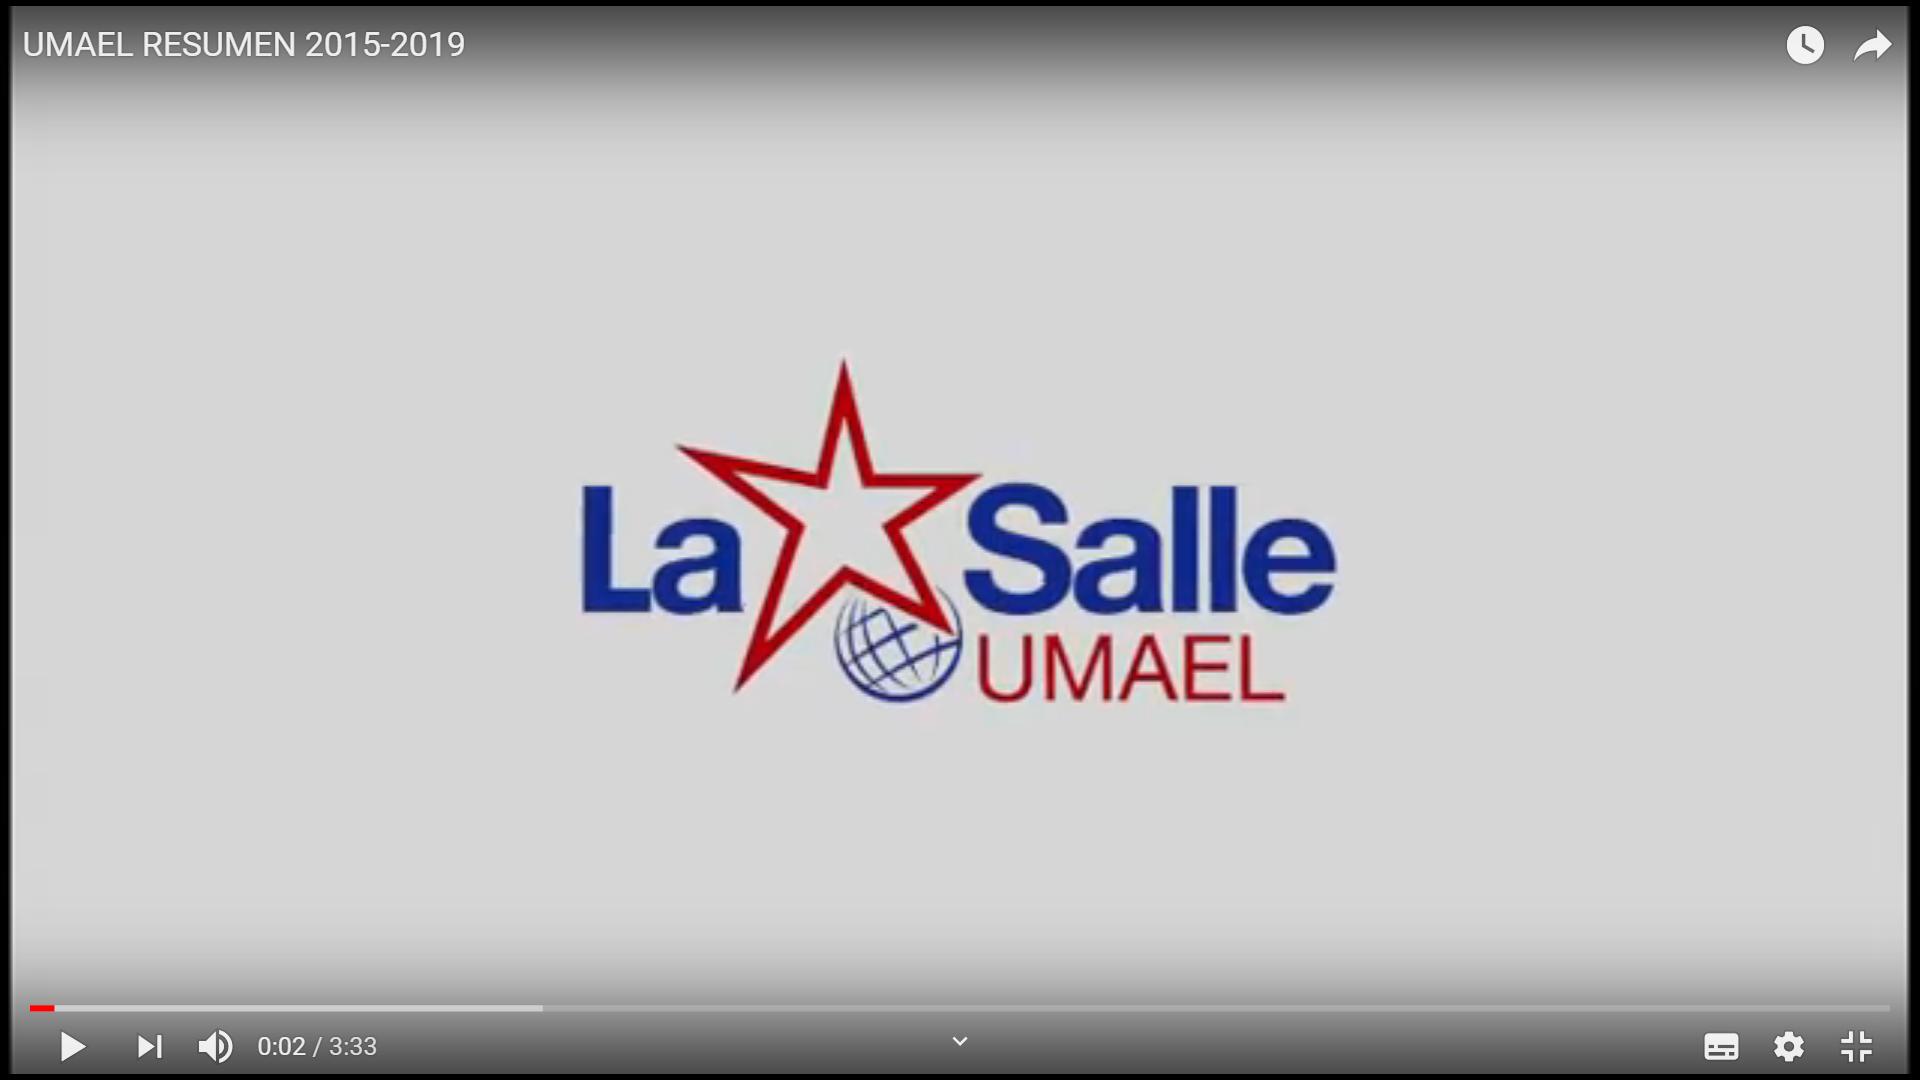 VÍDEO RESUMEN DE LA UMAEL 2015-2019